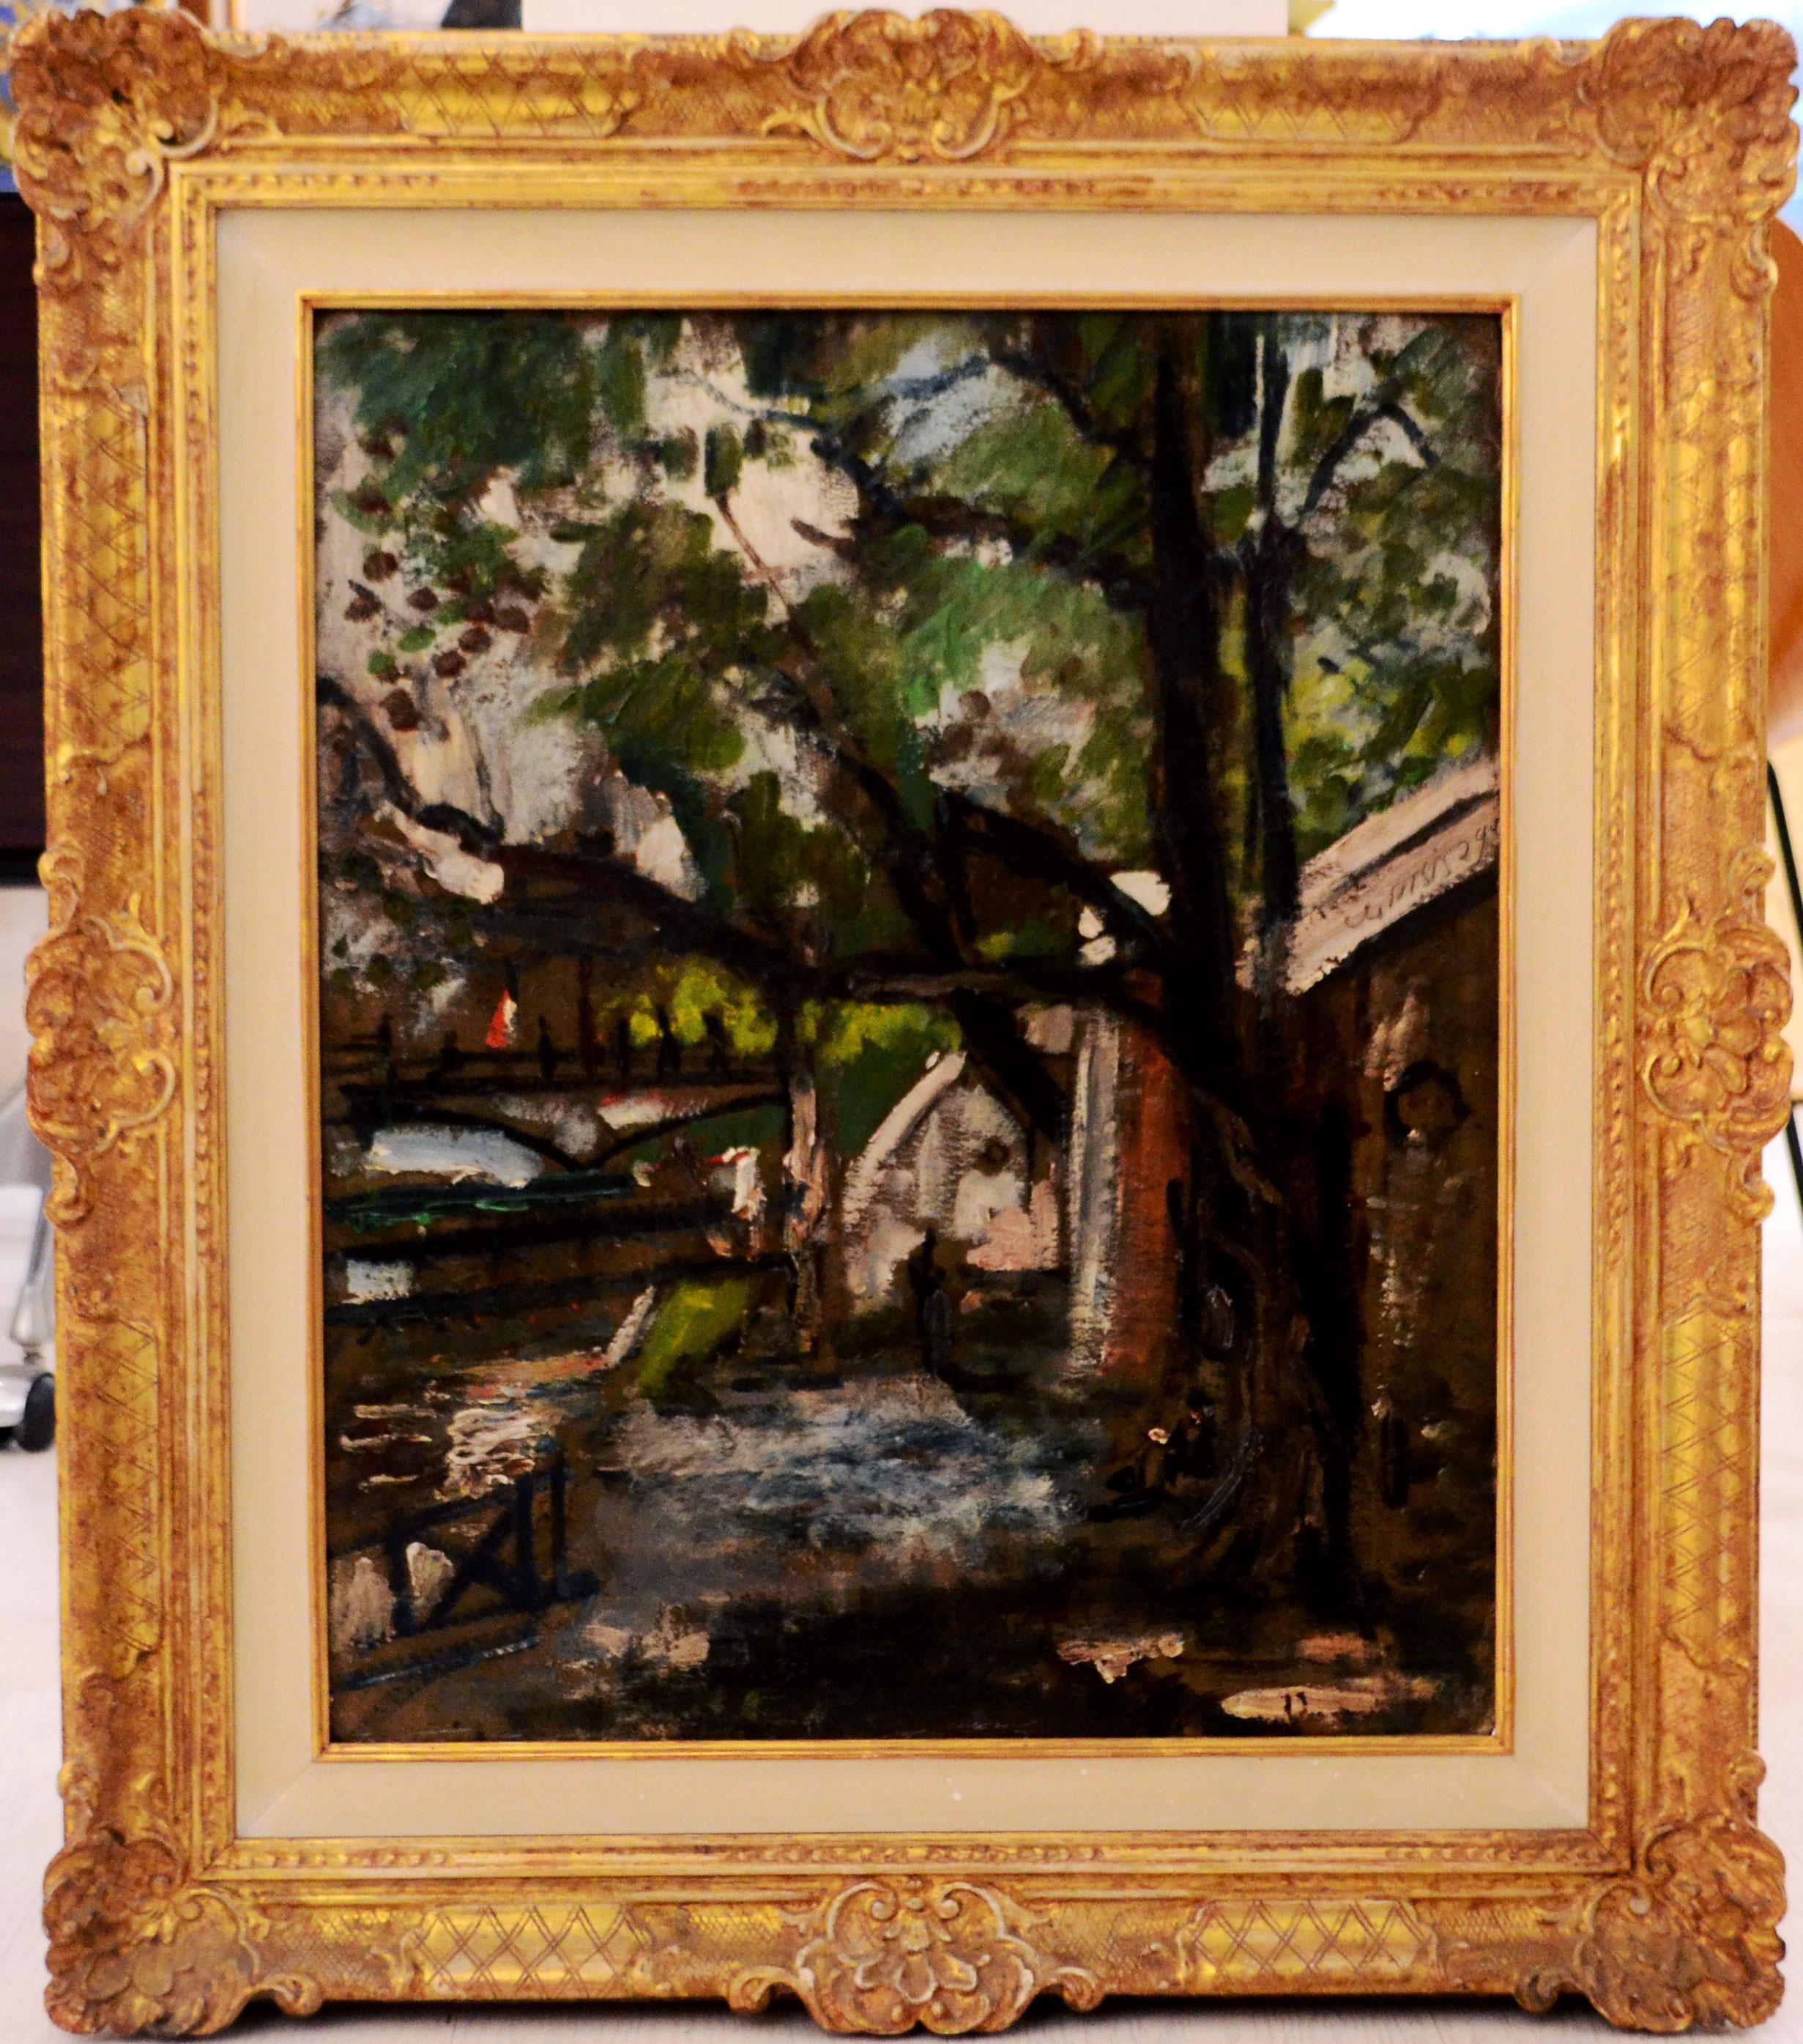 Paris Along the Seine - Oil Painting by Filippo De Pisis - 1929